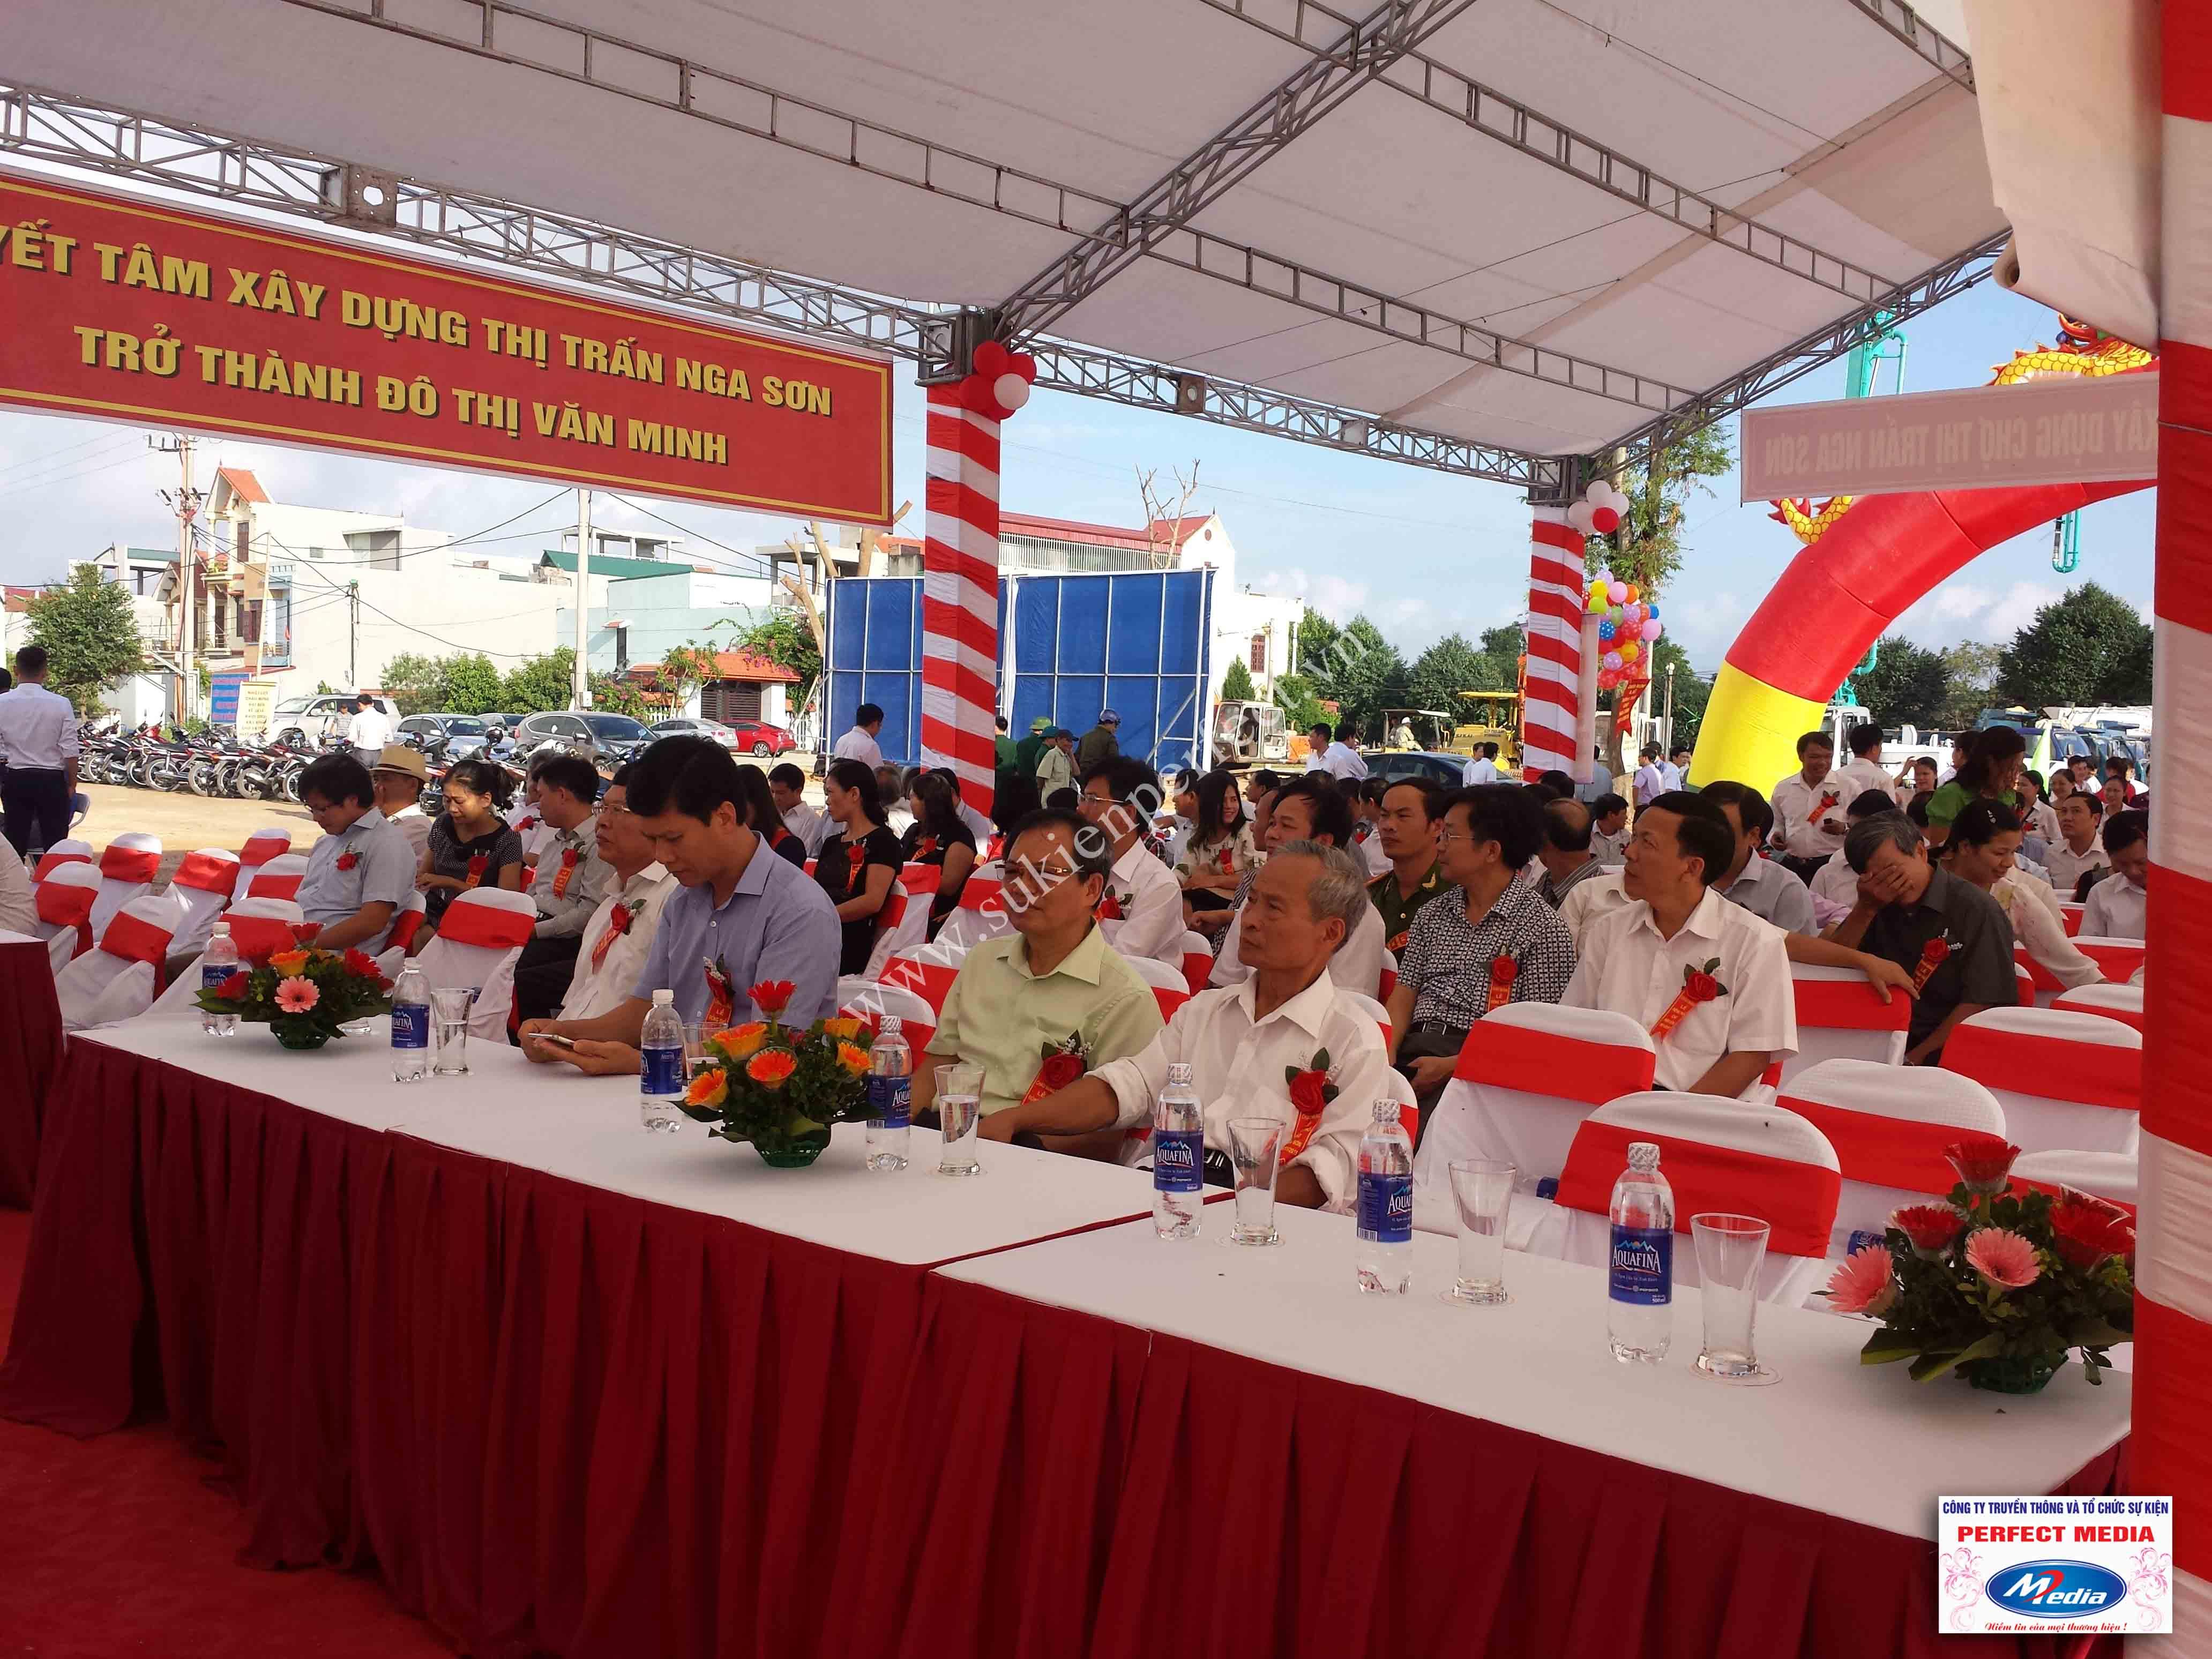 Hình ảnh hội trường lễ khởi công xây dựng chợ thị trấn huyện Nga Sơn 06